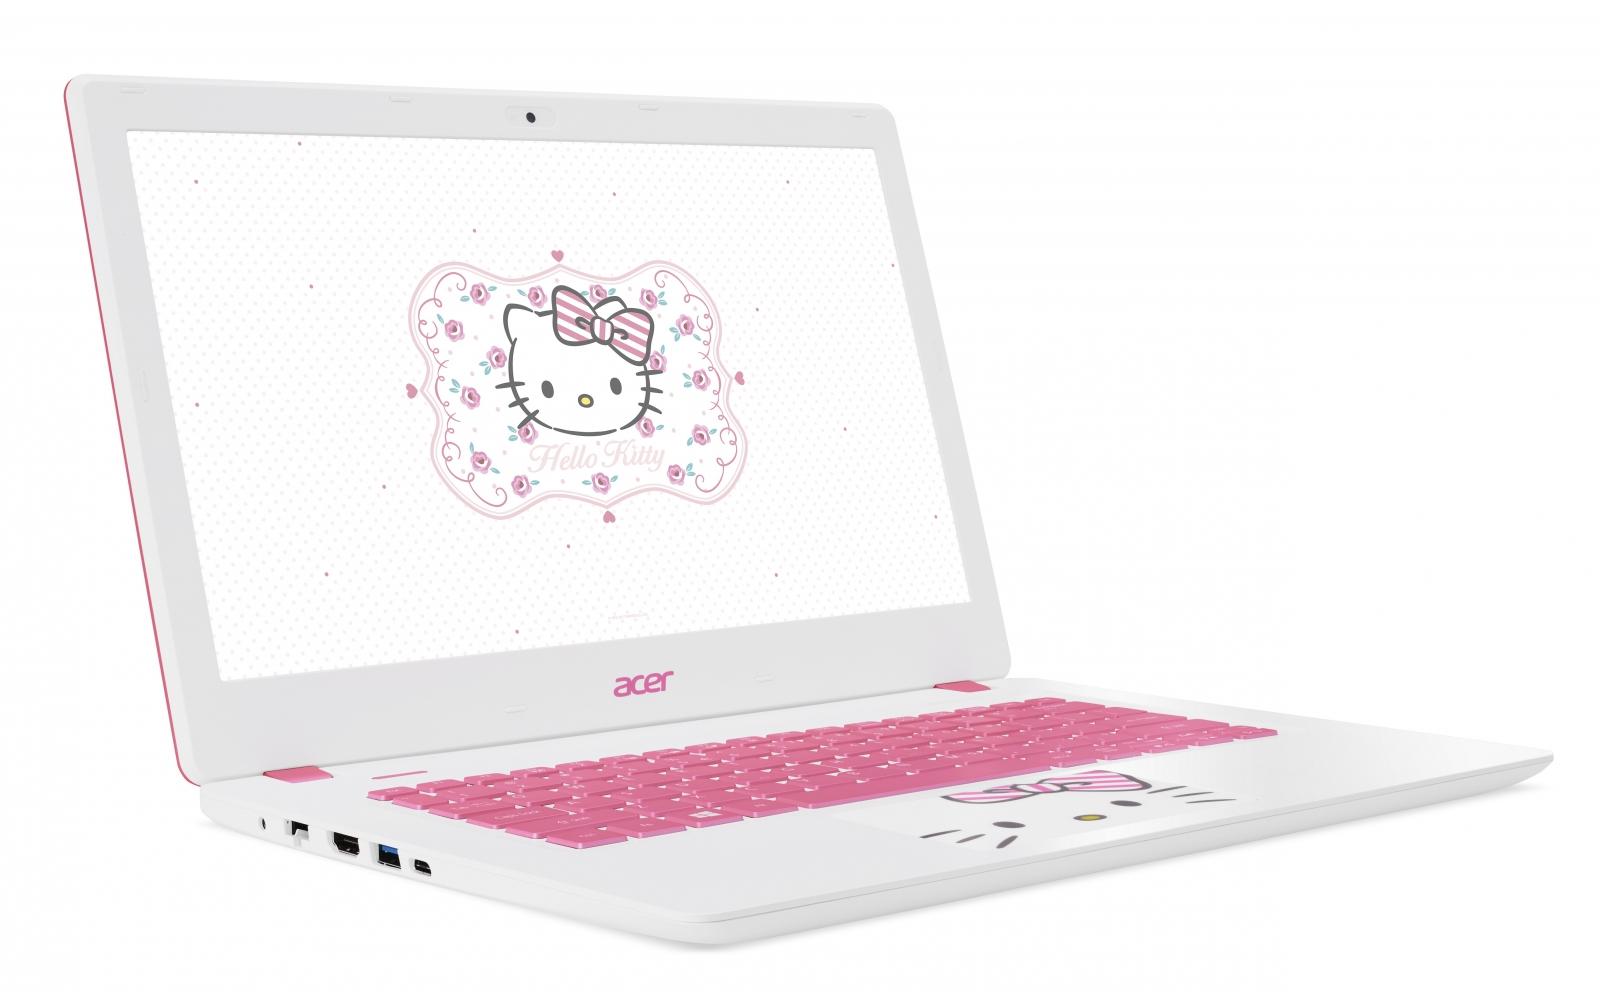 Acer Hello Kitty Laptop